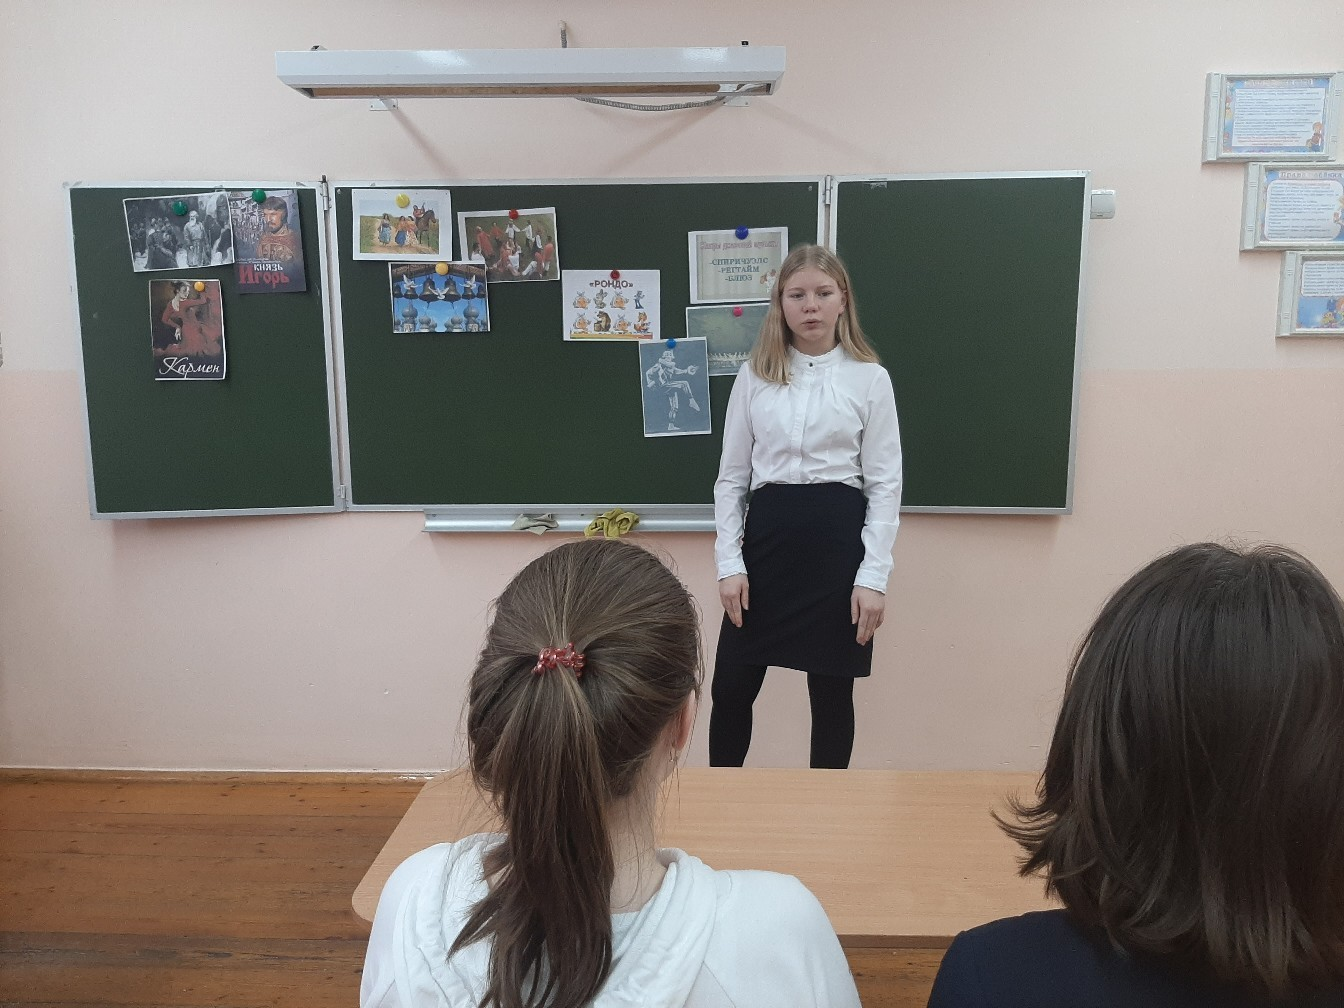 #ЛекцияПАВ@volonter_kizner  Лекция ПАВ  18 января в Кизнерской средней школе